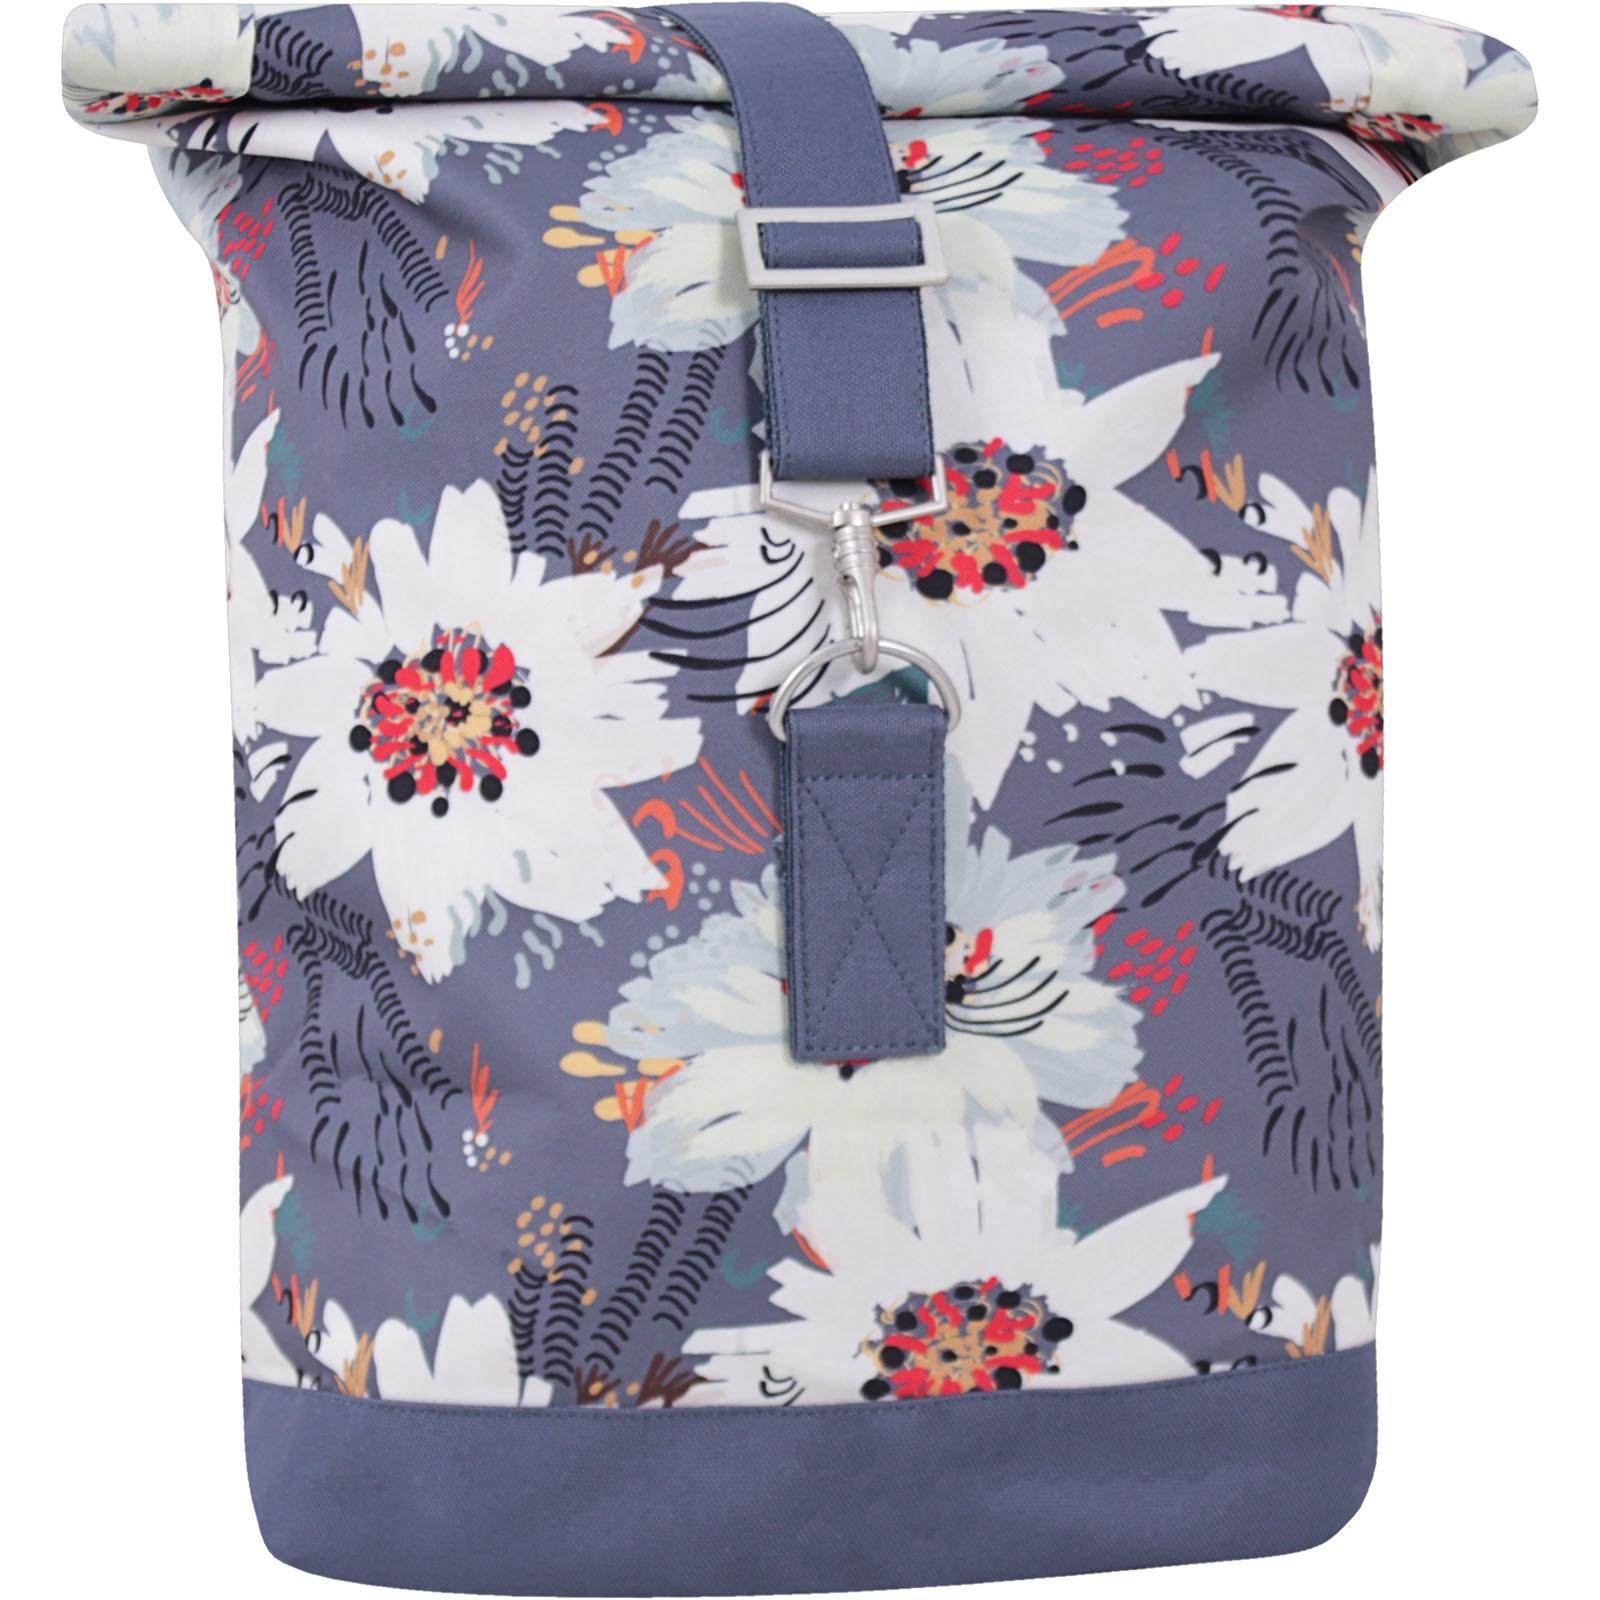 Женские рюкзаки Рюкзак Bagland Florence 23 л. сублімація 748 (00571664) IMG_4942Суб.748-1600.jpg